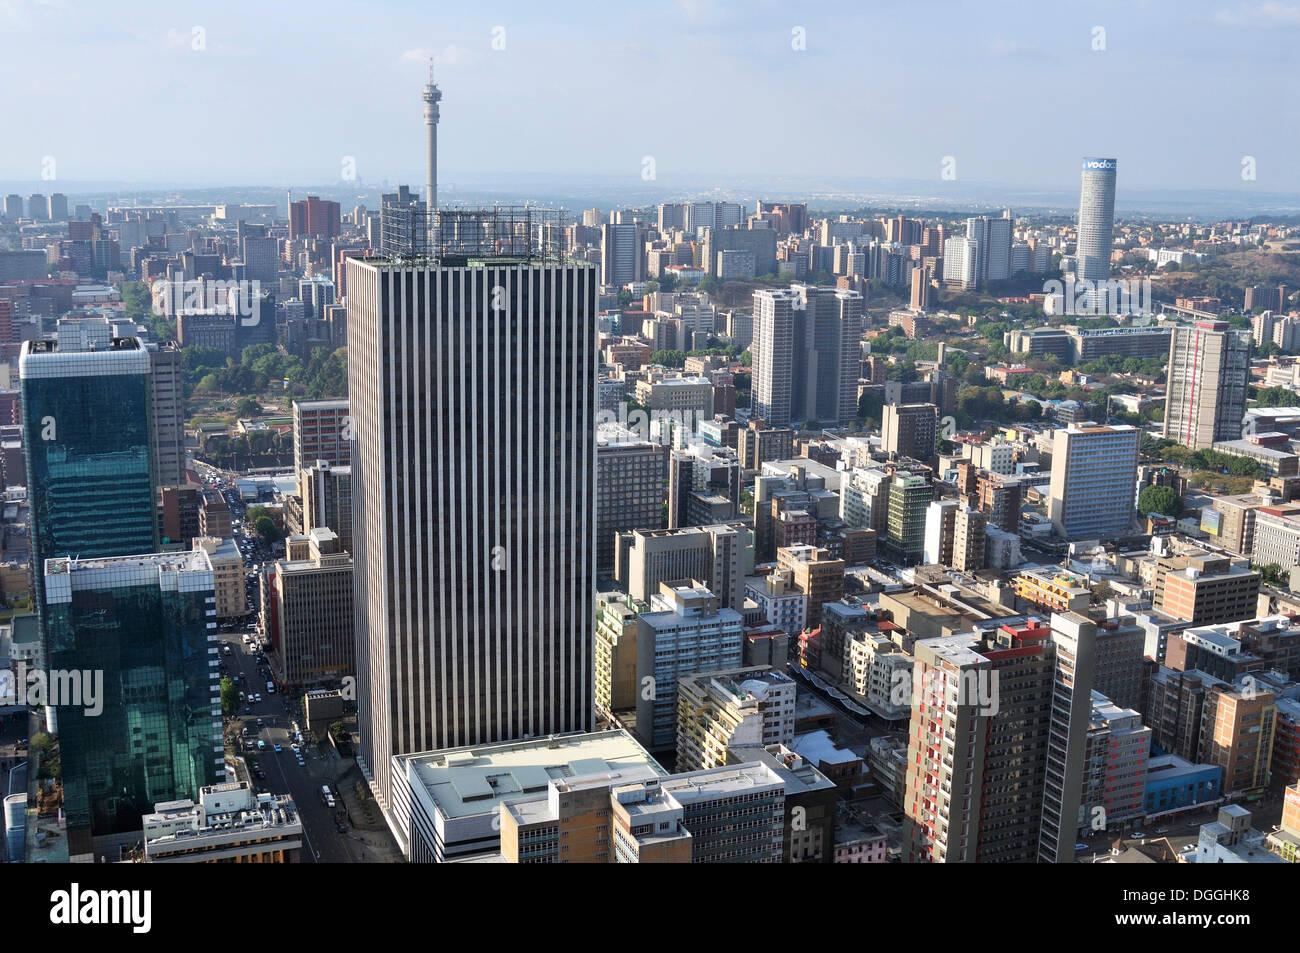 Vista su Johannesburg dalla terrazza del Carlton Center, con un'altezza di 220m il grattacielo più alto in Africa Immagini Stock